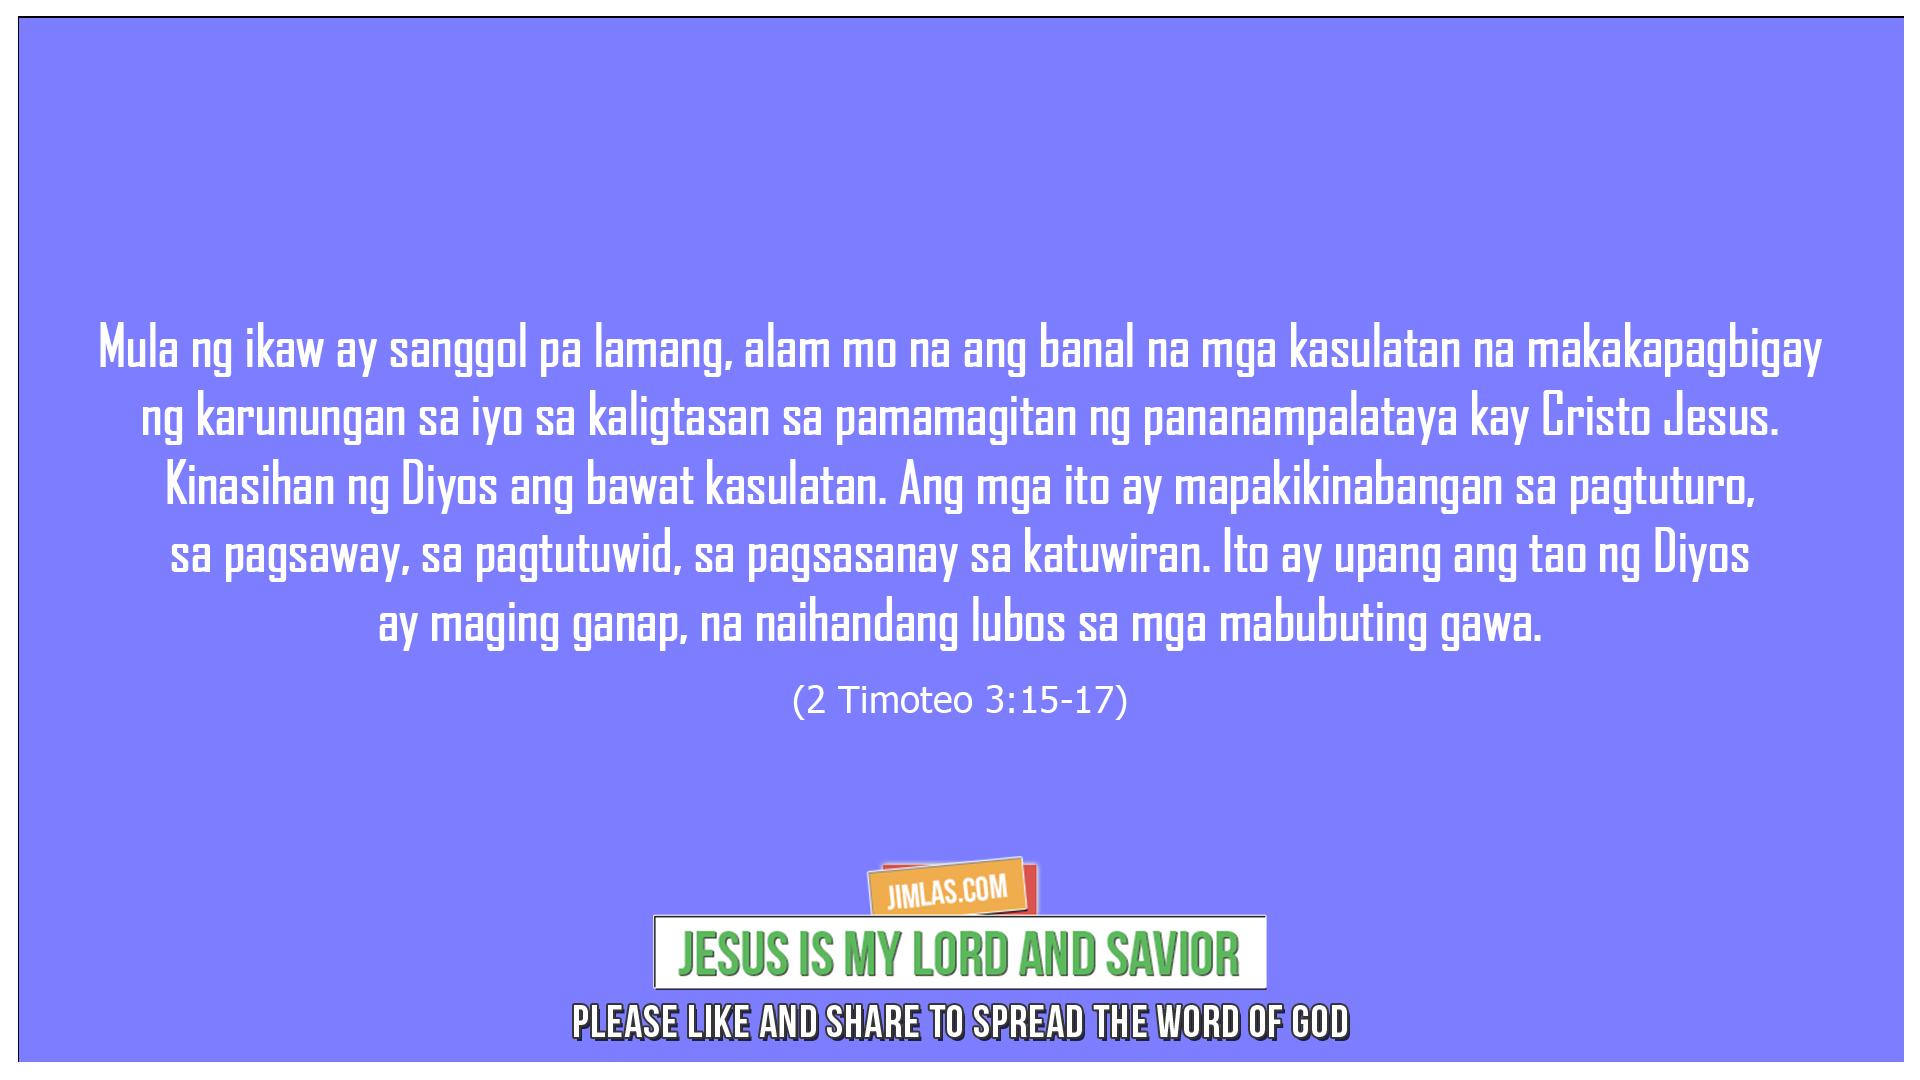 2 Timoteo 3:15-17, 2 Timoteo 3:15-17